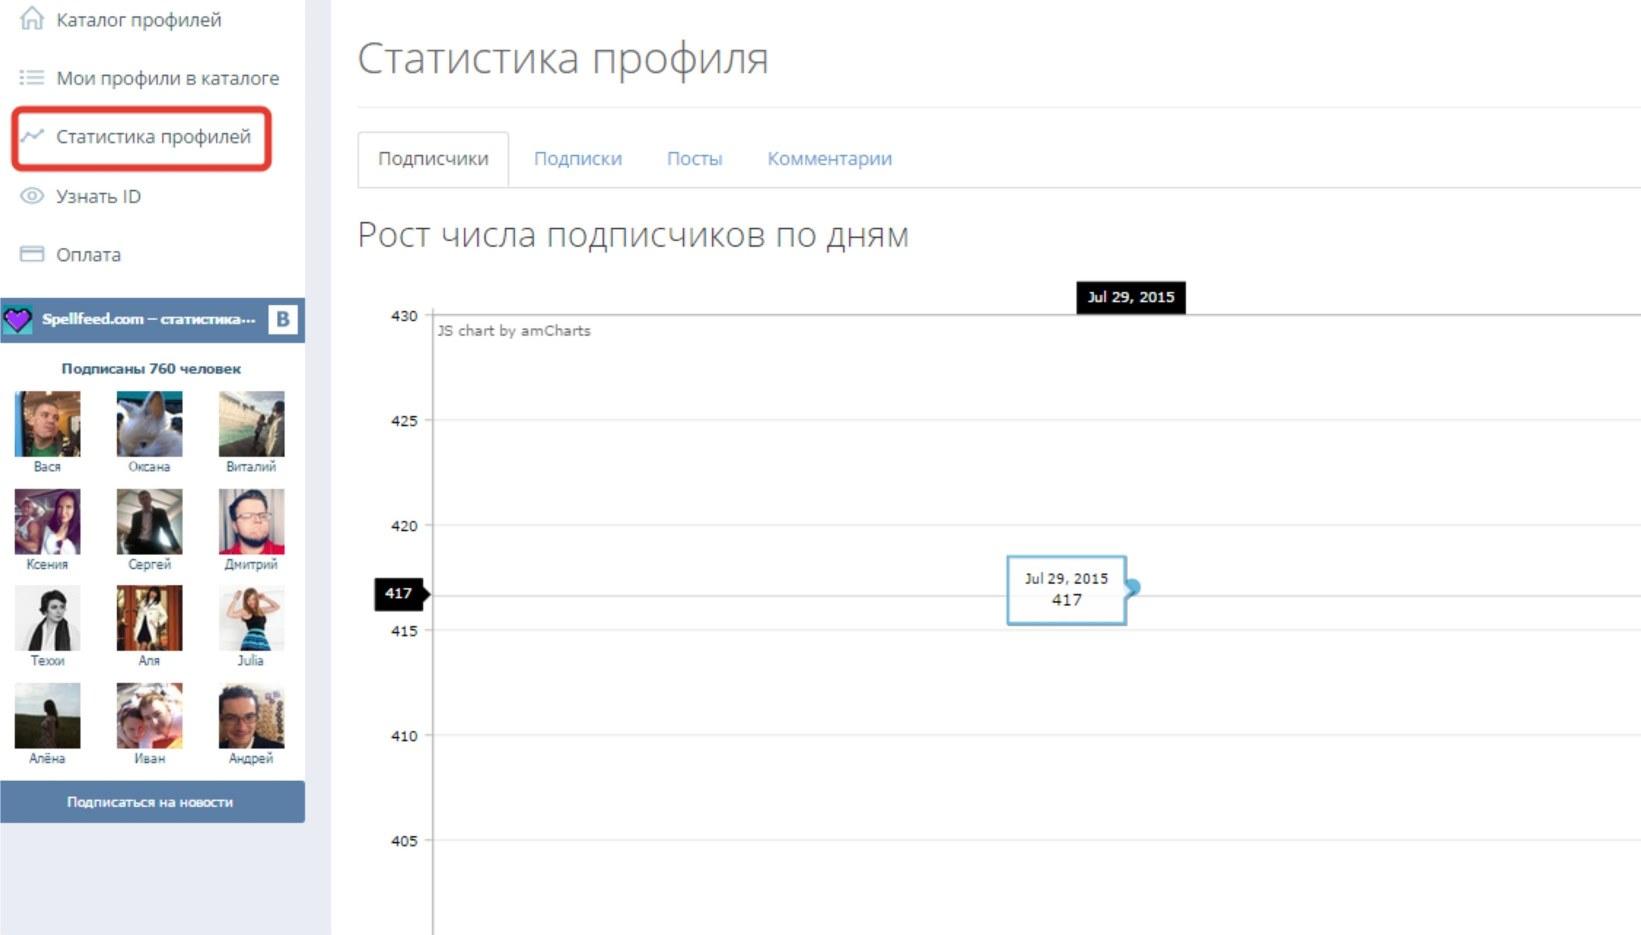 каталог рекламных профилей в Инстаграм пример